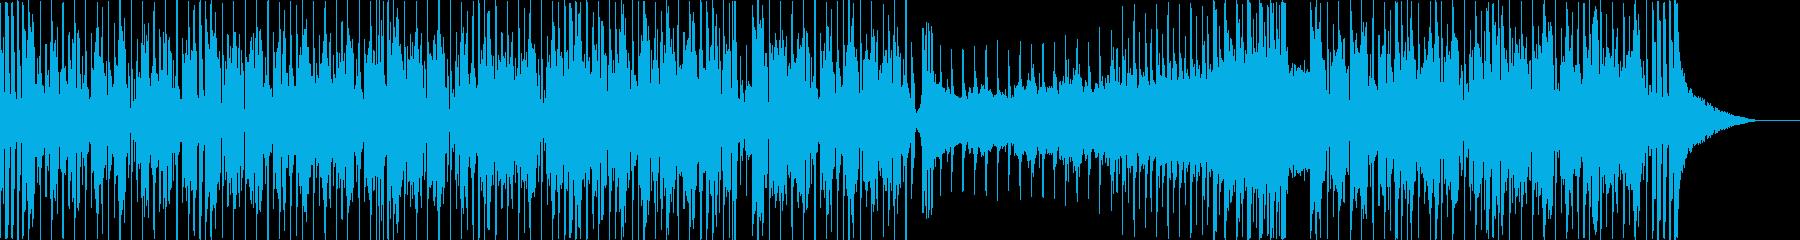 ファンキーなモダンポップパンクの再生済みの波形